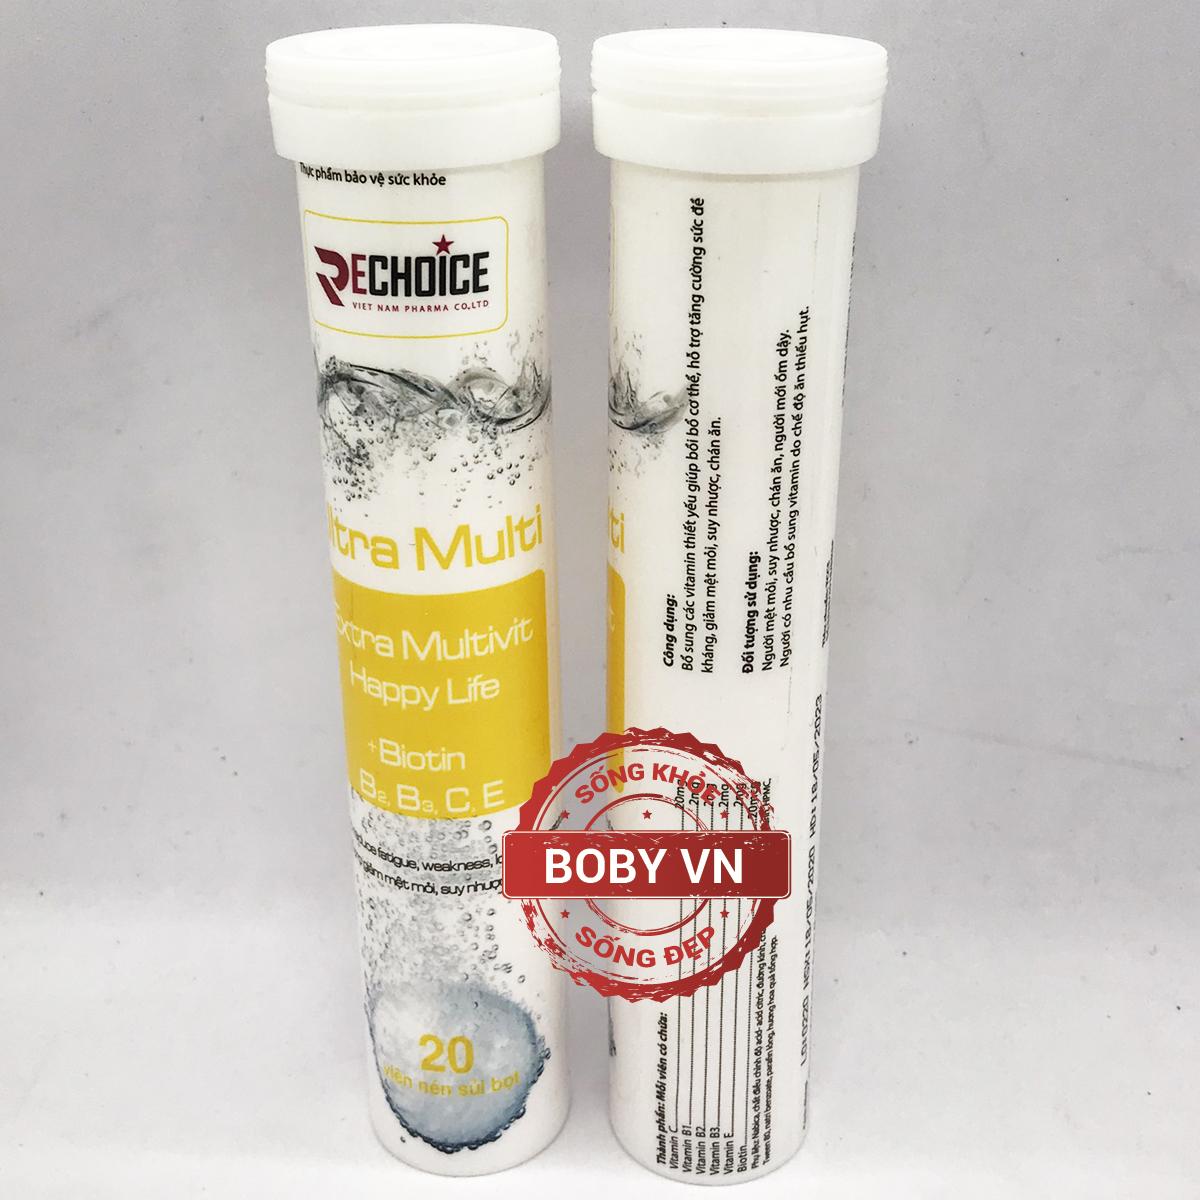 Tuýt C sủi Ultra Multi Extra Multivit Happy Life Rechoice bổ sung Biotin, vitamin C, E, B2, B3